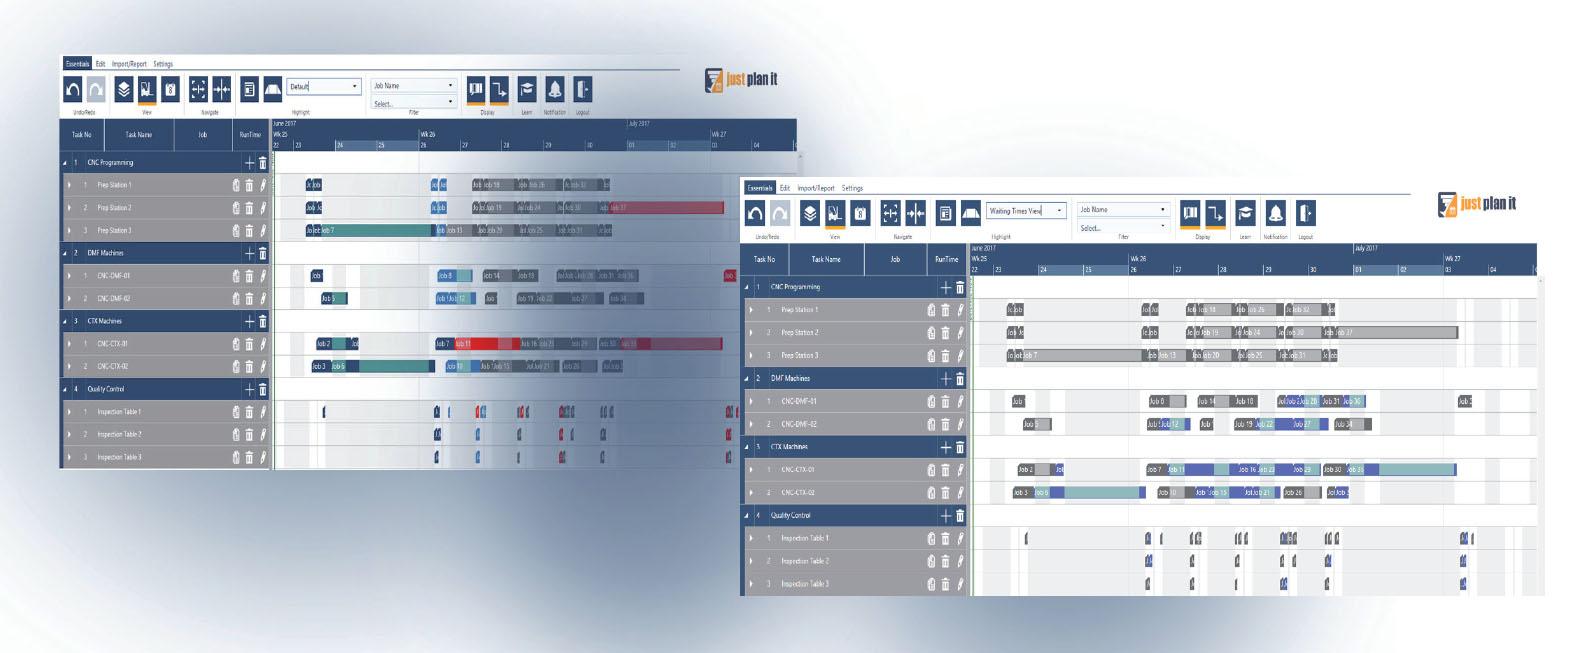 2 Killer Color Schemes For A Bottleneck Oriented Job Shop Scheduling